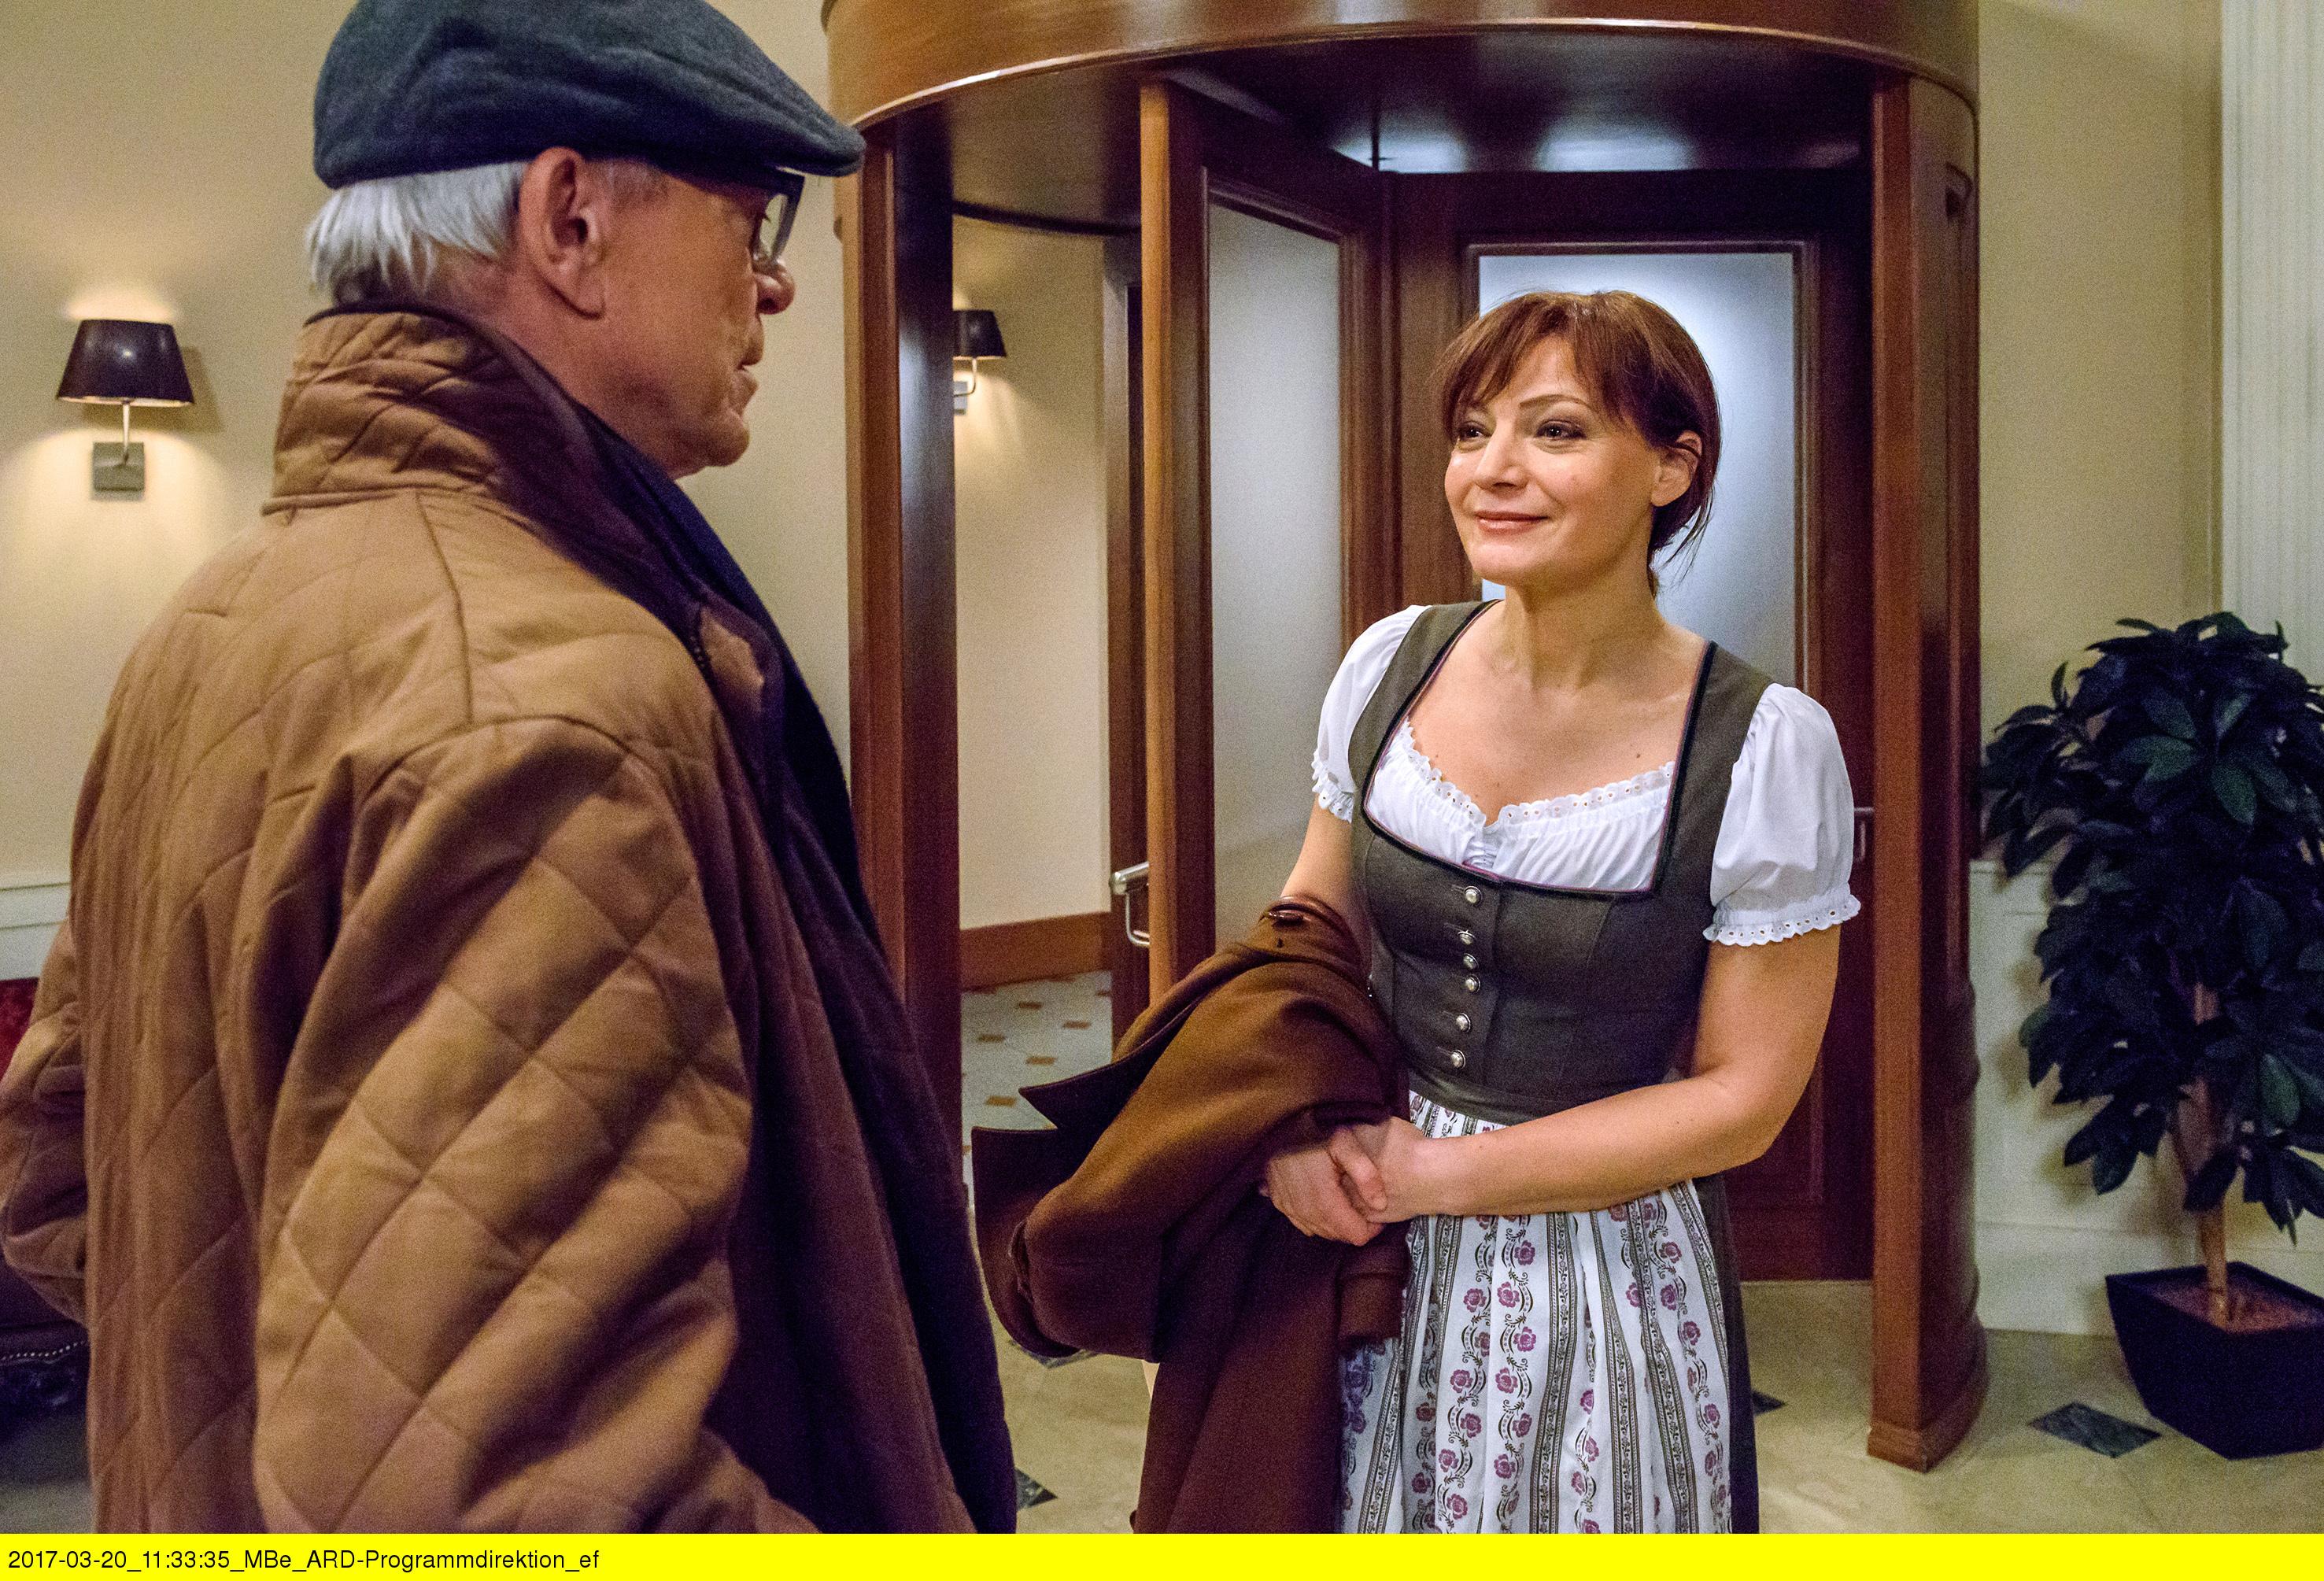 ARD STURM DER LIEBE FOLGE 2679, am Mittwoch (03.05.17) um 15:10 Uhr im ERSTEN. Werner (Dirk Galuba, l.) ist nicht begeistert davon, dass Susan (Marion Mitterhammer, r.) im Bräustüberl als Kellnerin arbeiten will. (Quelle: ARD/Christof Anrold)